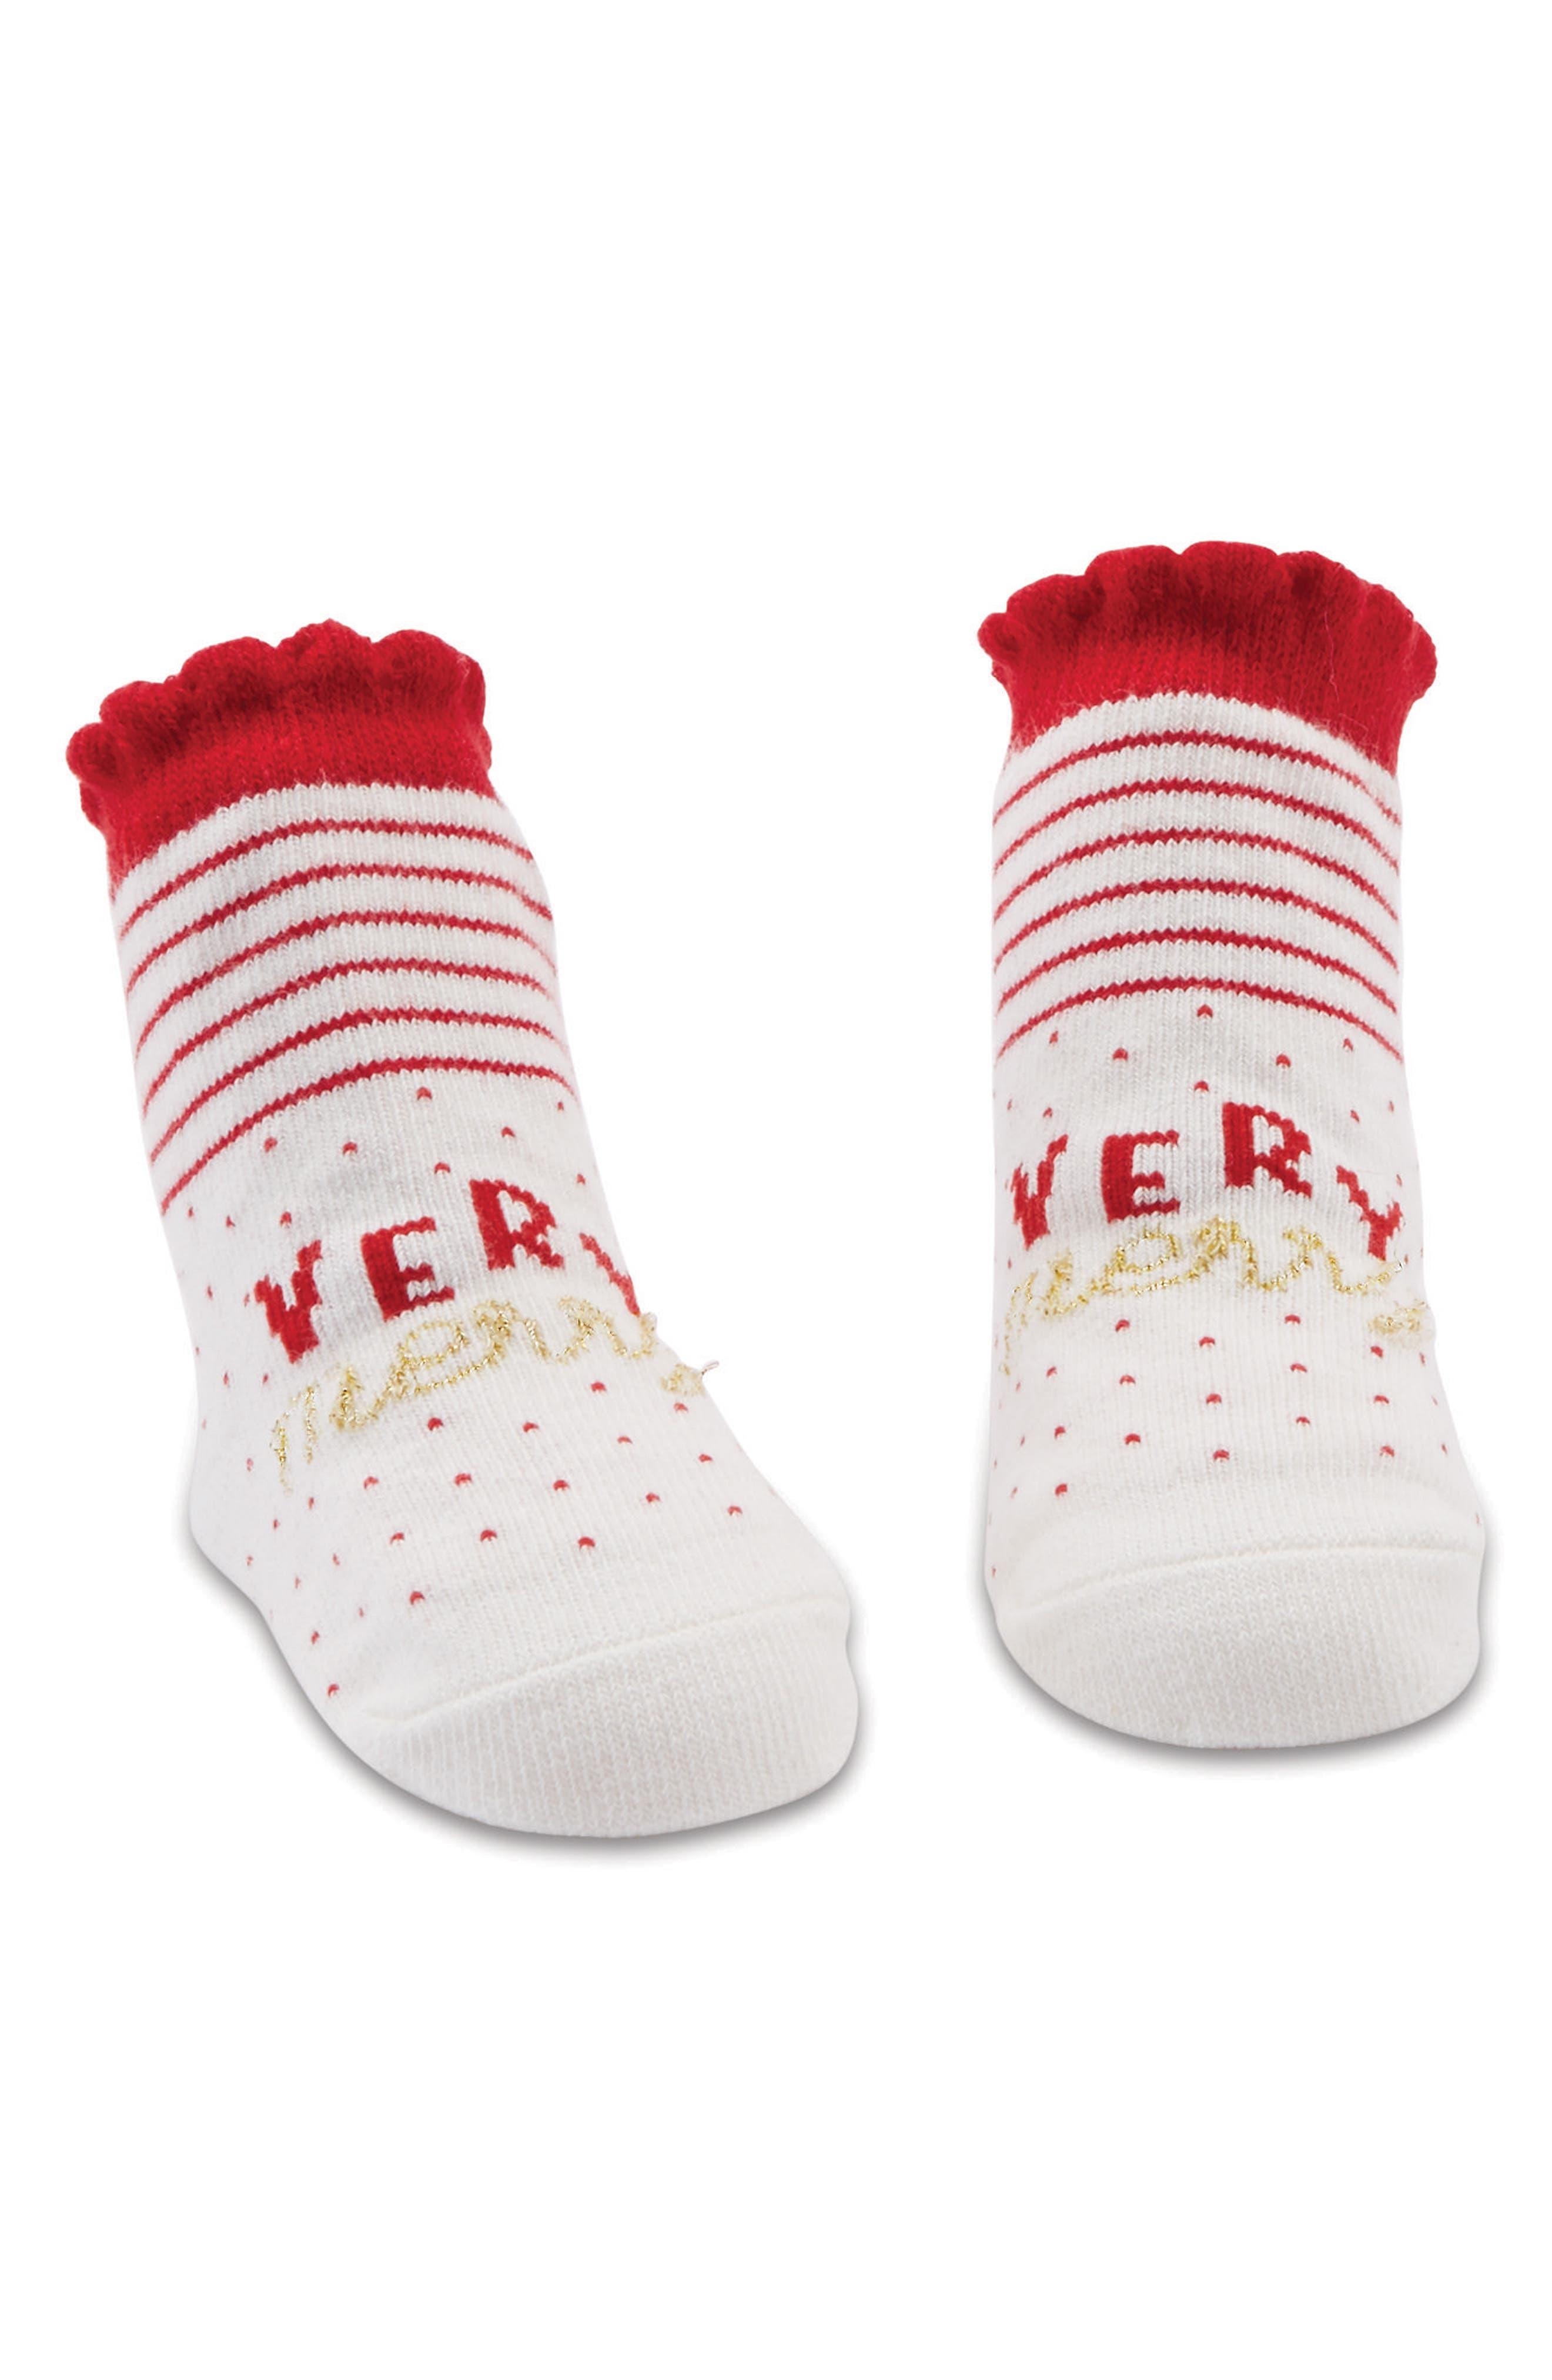 Main Image - Mud Pie Very Merry Socks (Baby)